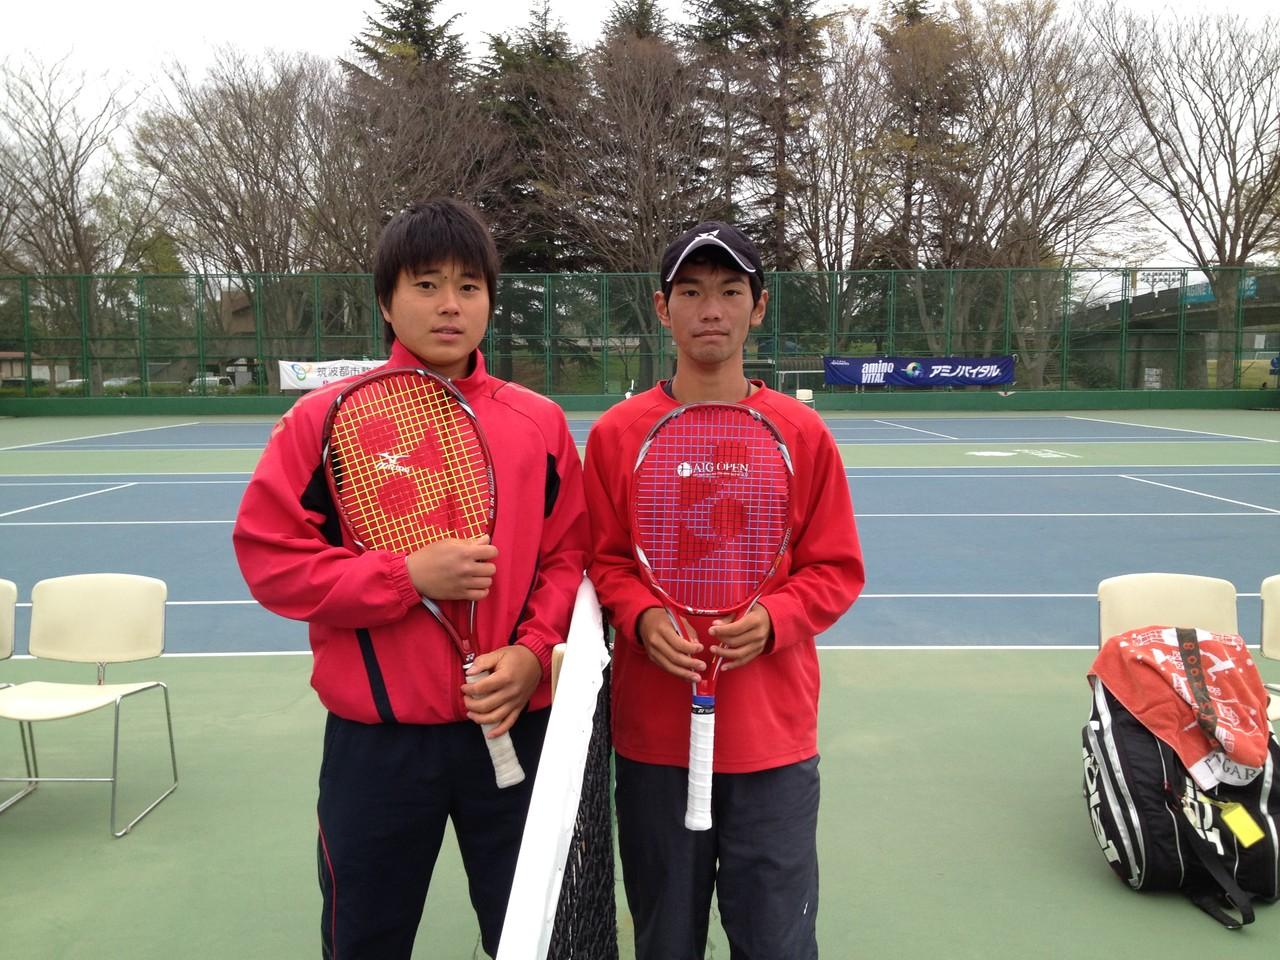 矢野隆志 VS FUKUSHIMA,Masaki